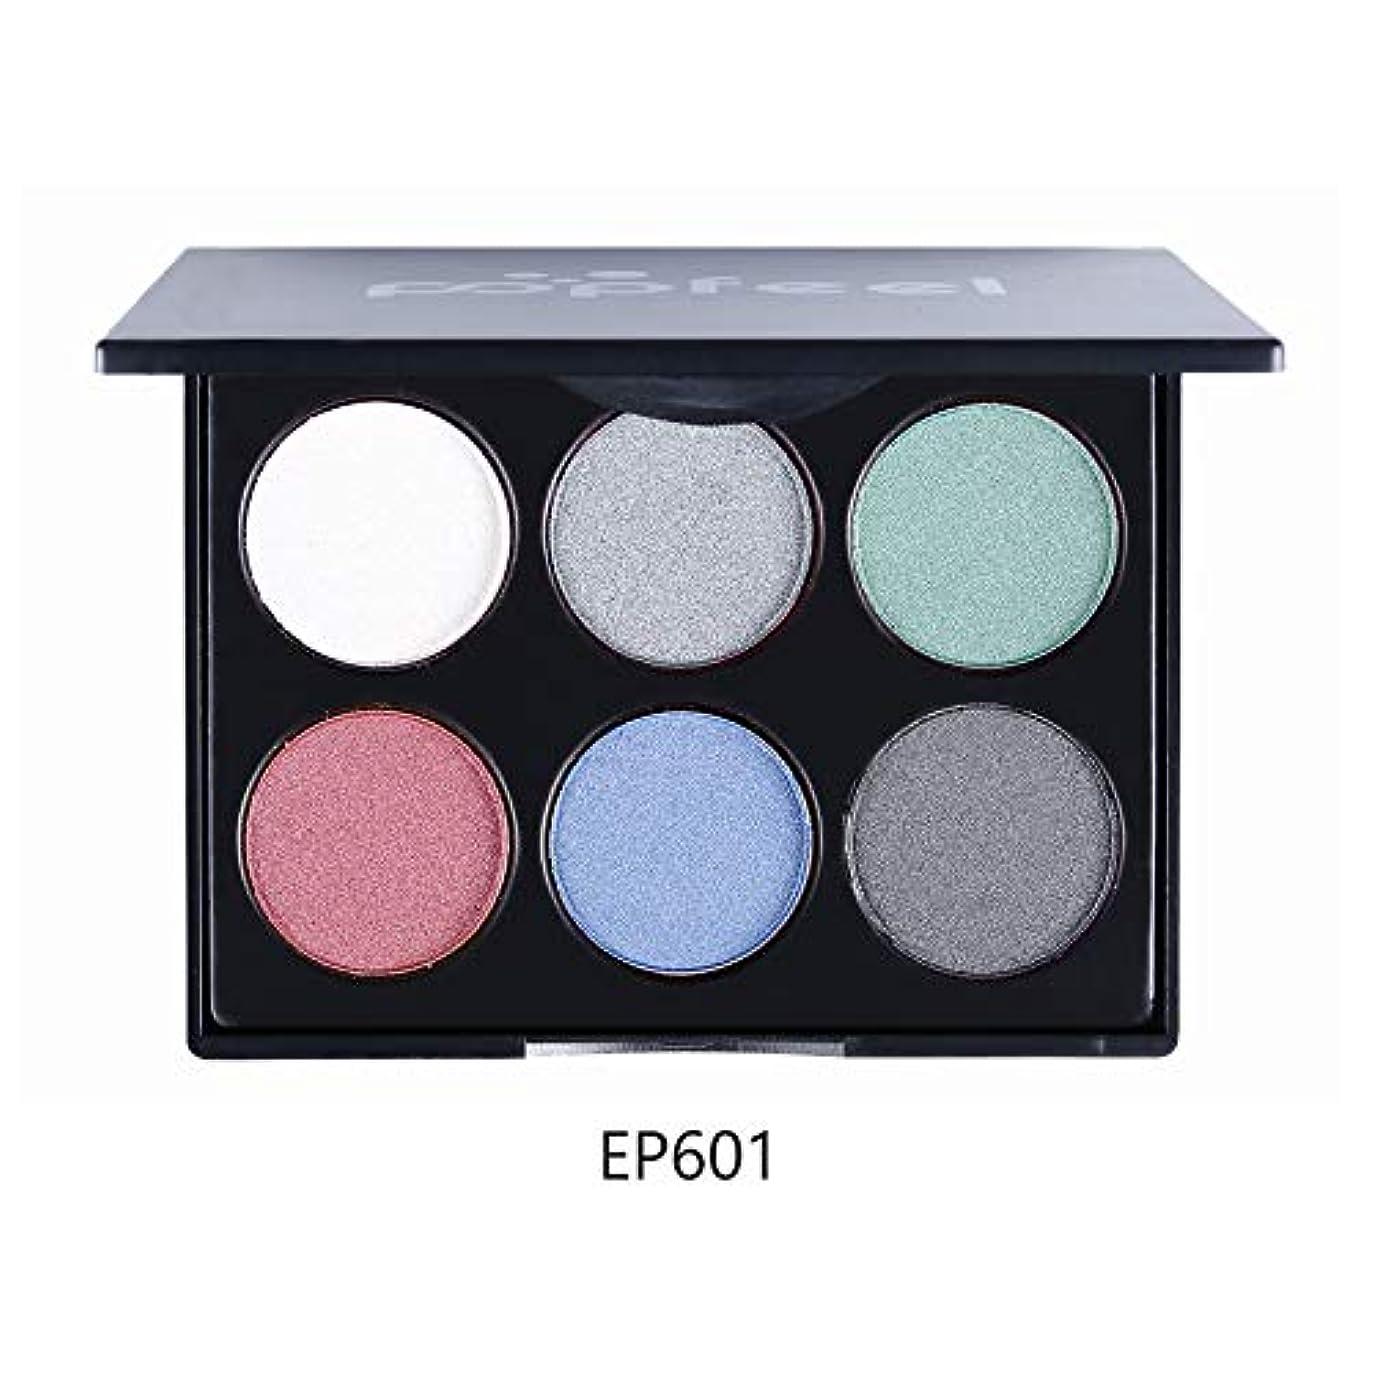 誘う霧磁器Rabugoo 6色マルチカラーアイシャドウパレットビーズマットアイシャドウ化粧品メイクアップ EP6#1